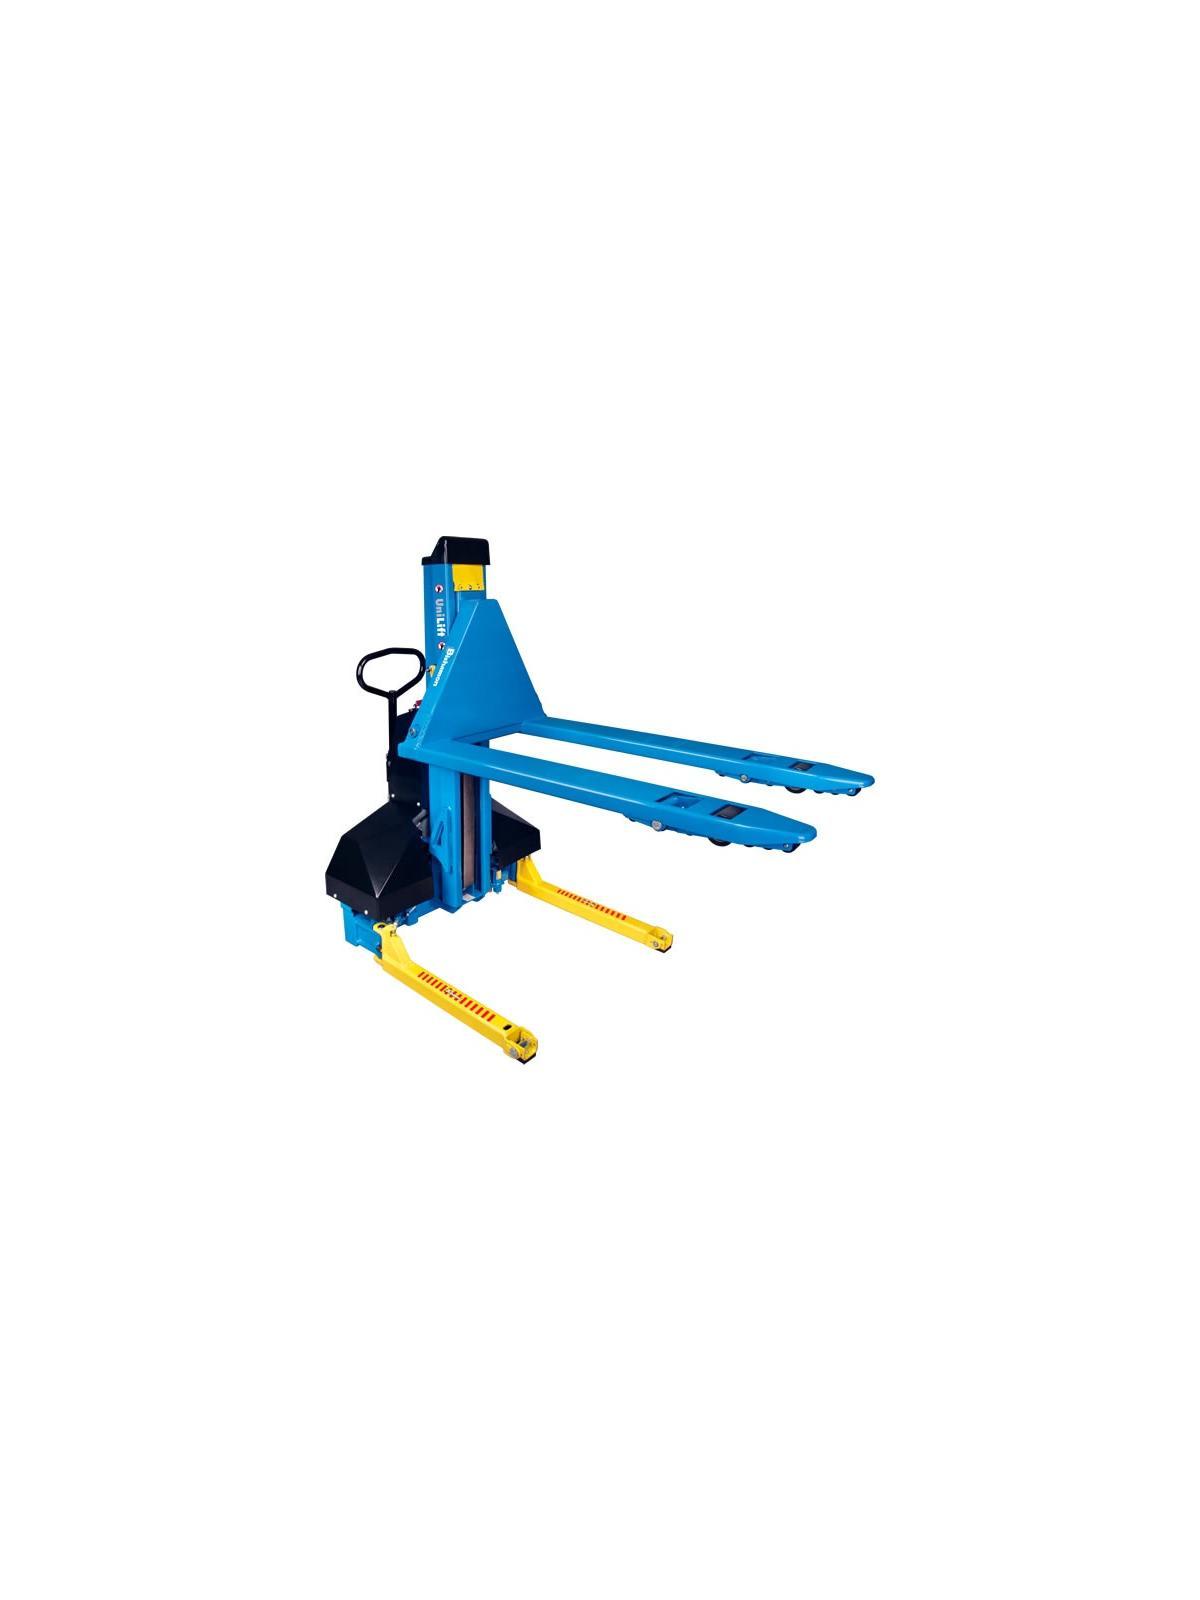 Bishamon Unilift Pallet Transporter And Positioner Indoff Inc